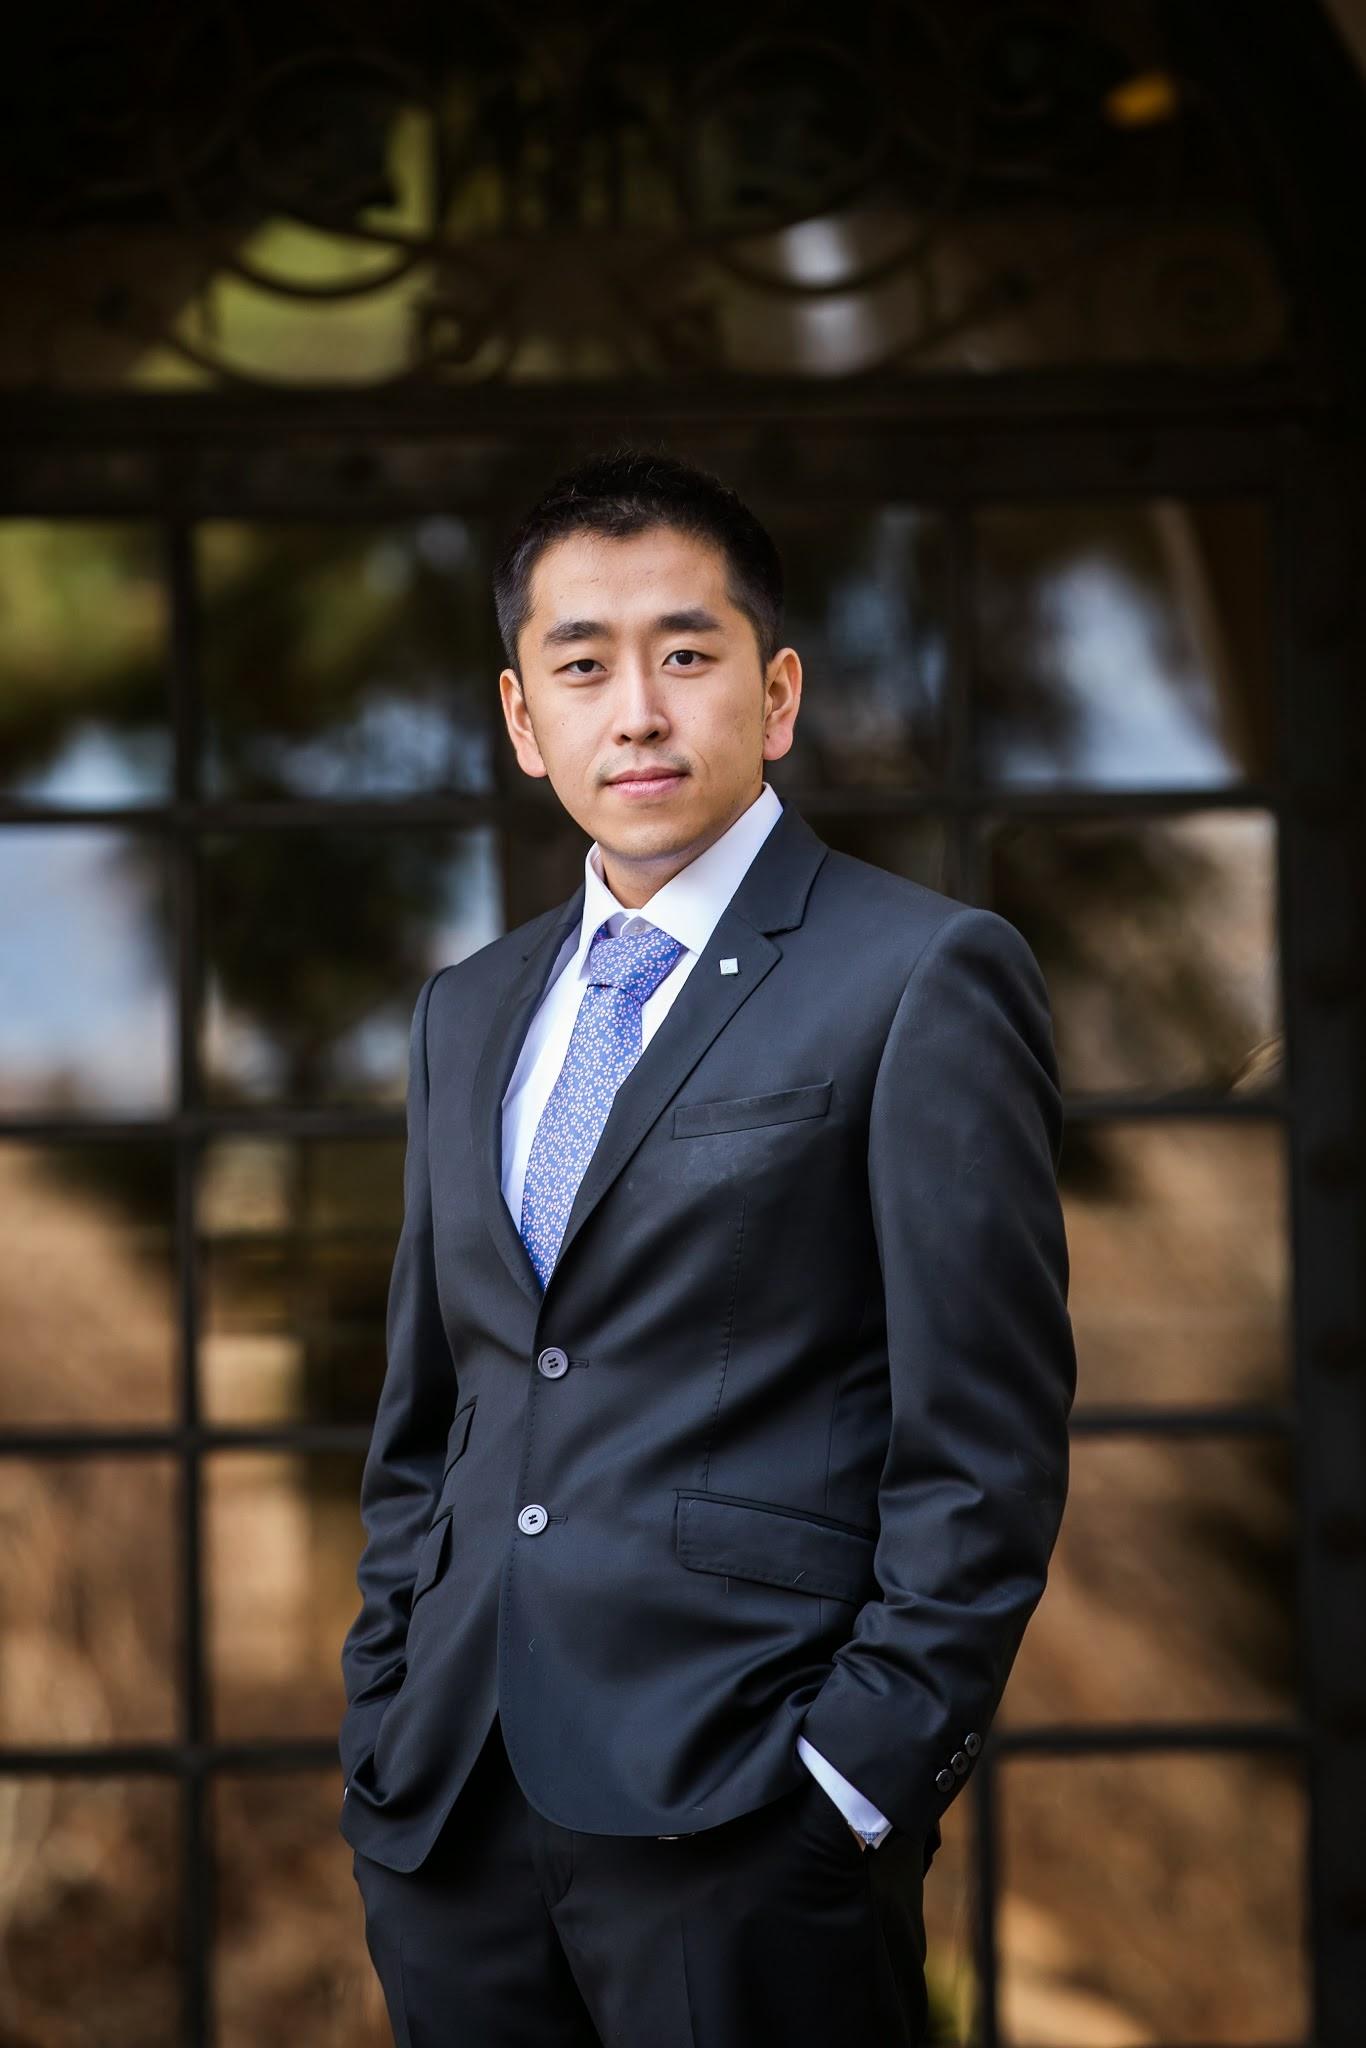 Zhipeng Huang